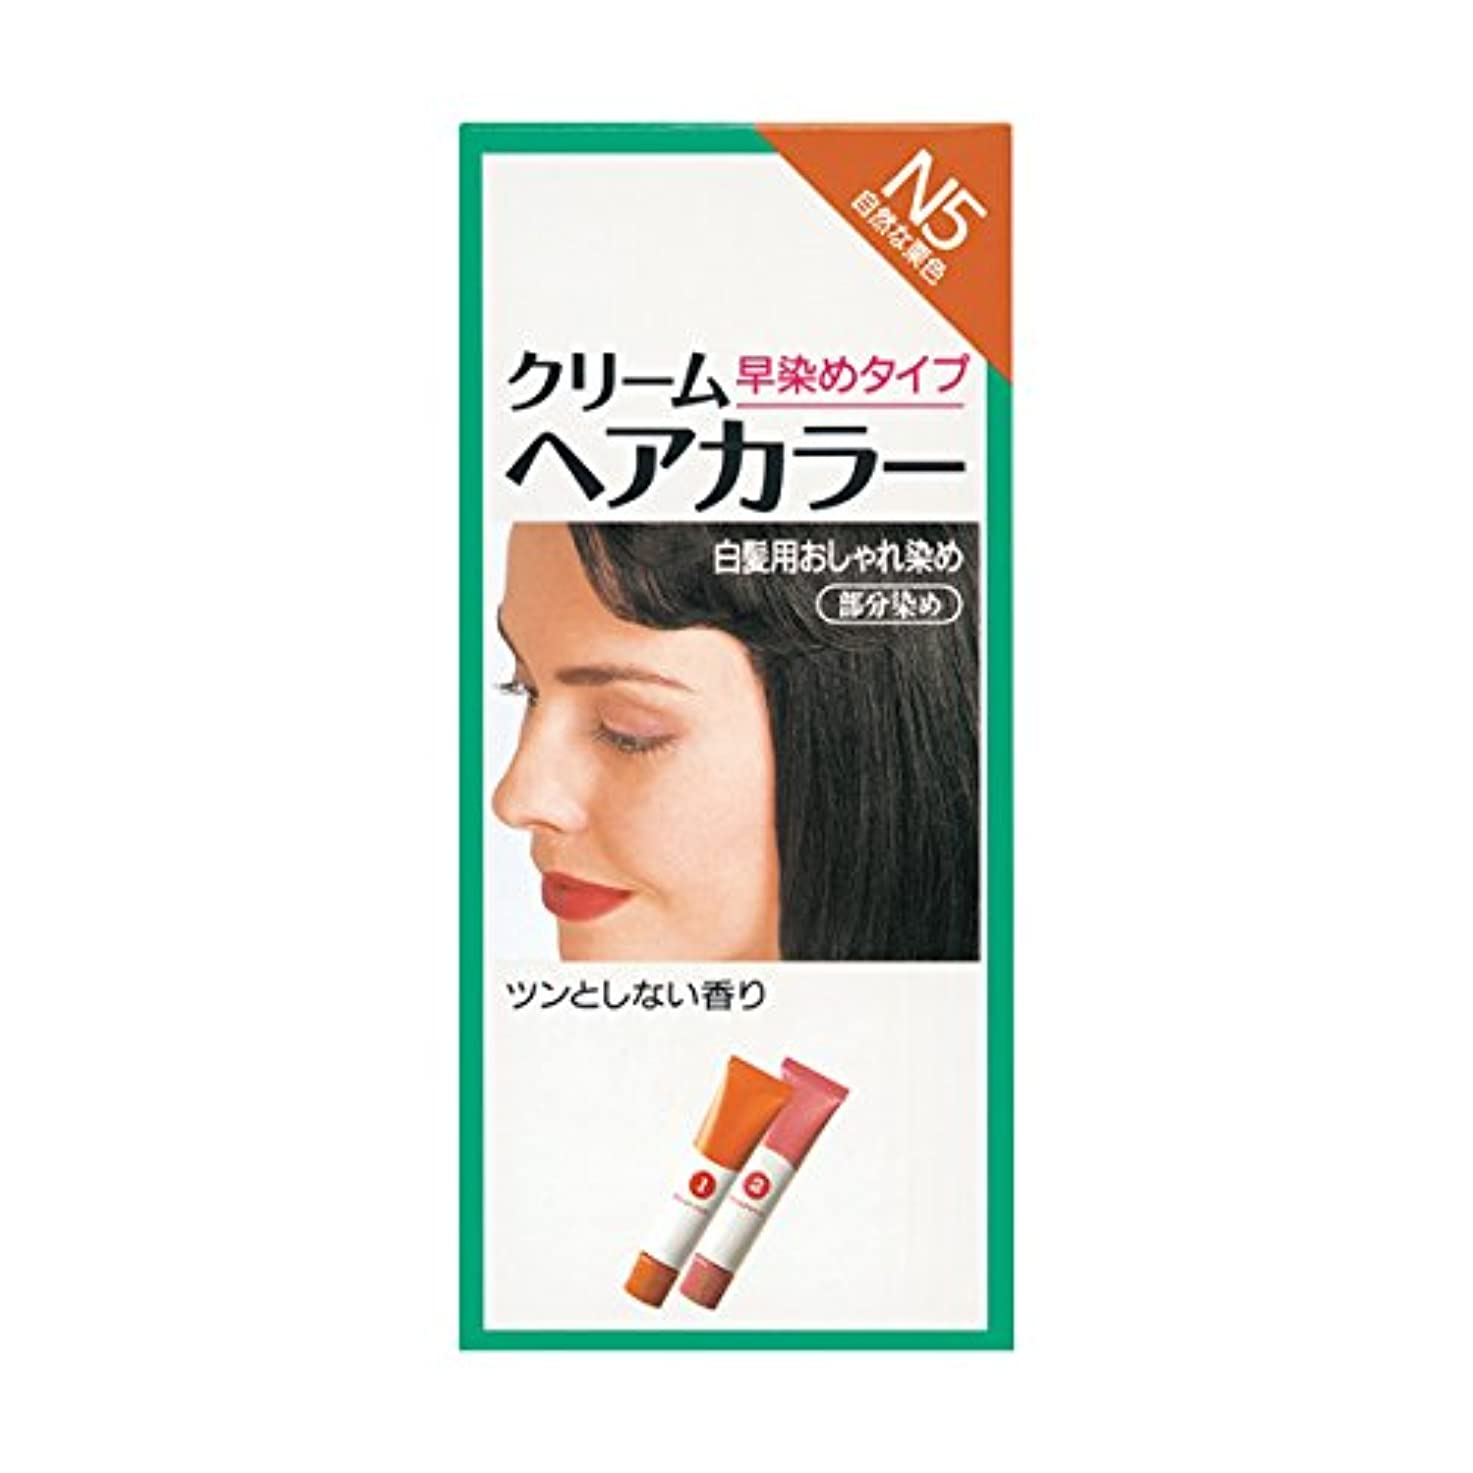 ペース再撮りちなみにヘアカラー クリームヘアカラーN N5 【医薬部外品】